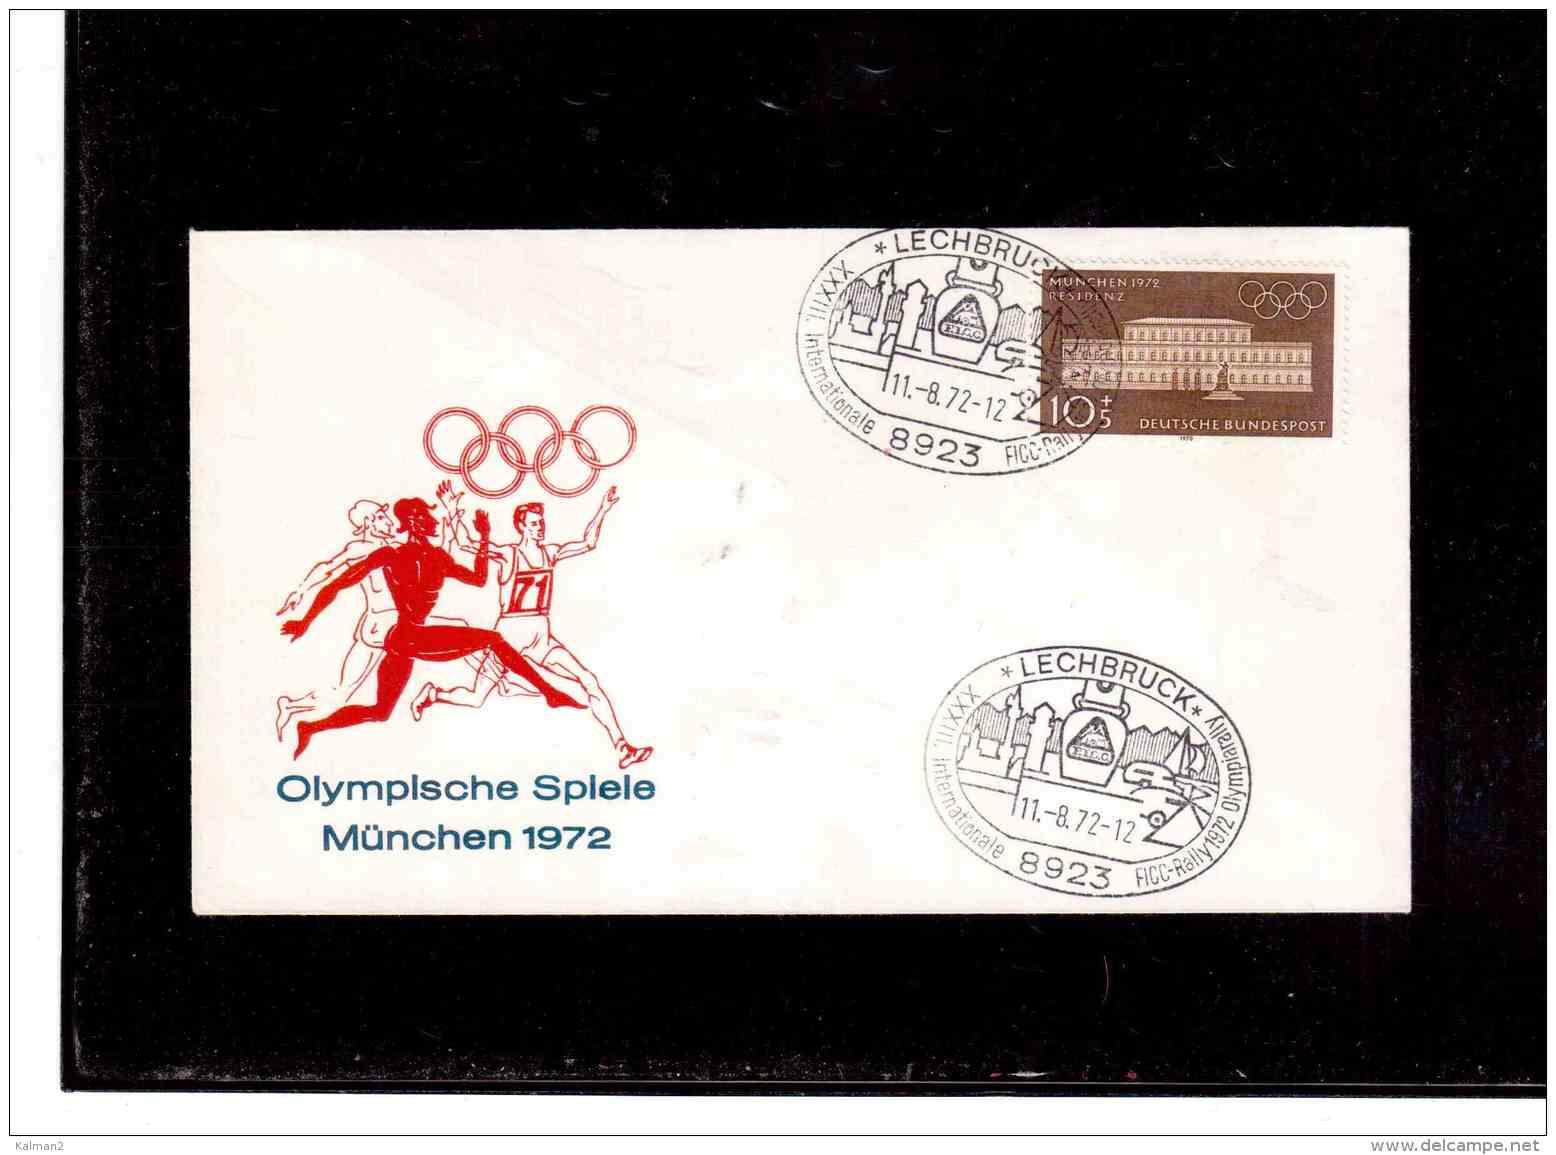 TEM8970   -  LECHBRUCK  11.8.72     /    XXXIII. INTERNATIONALE FICC-RALLY 1972 OLYMPIARALLY - Francobolli